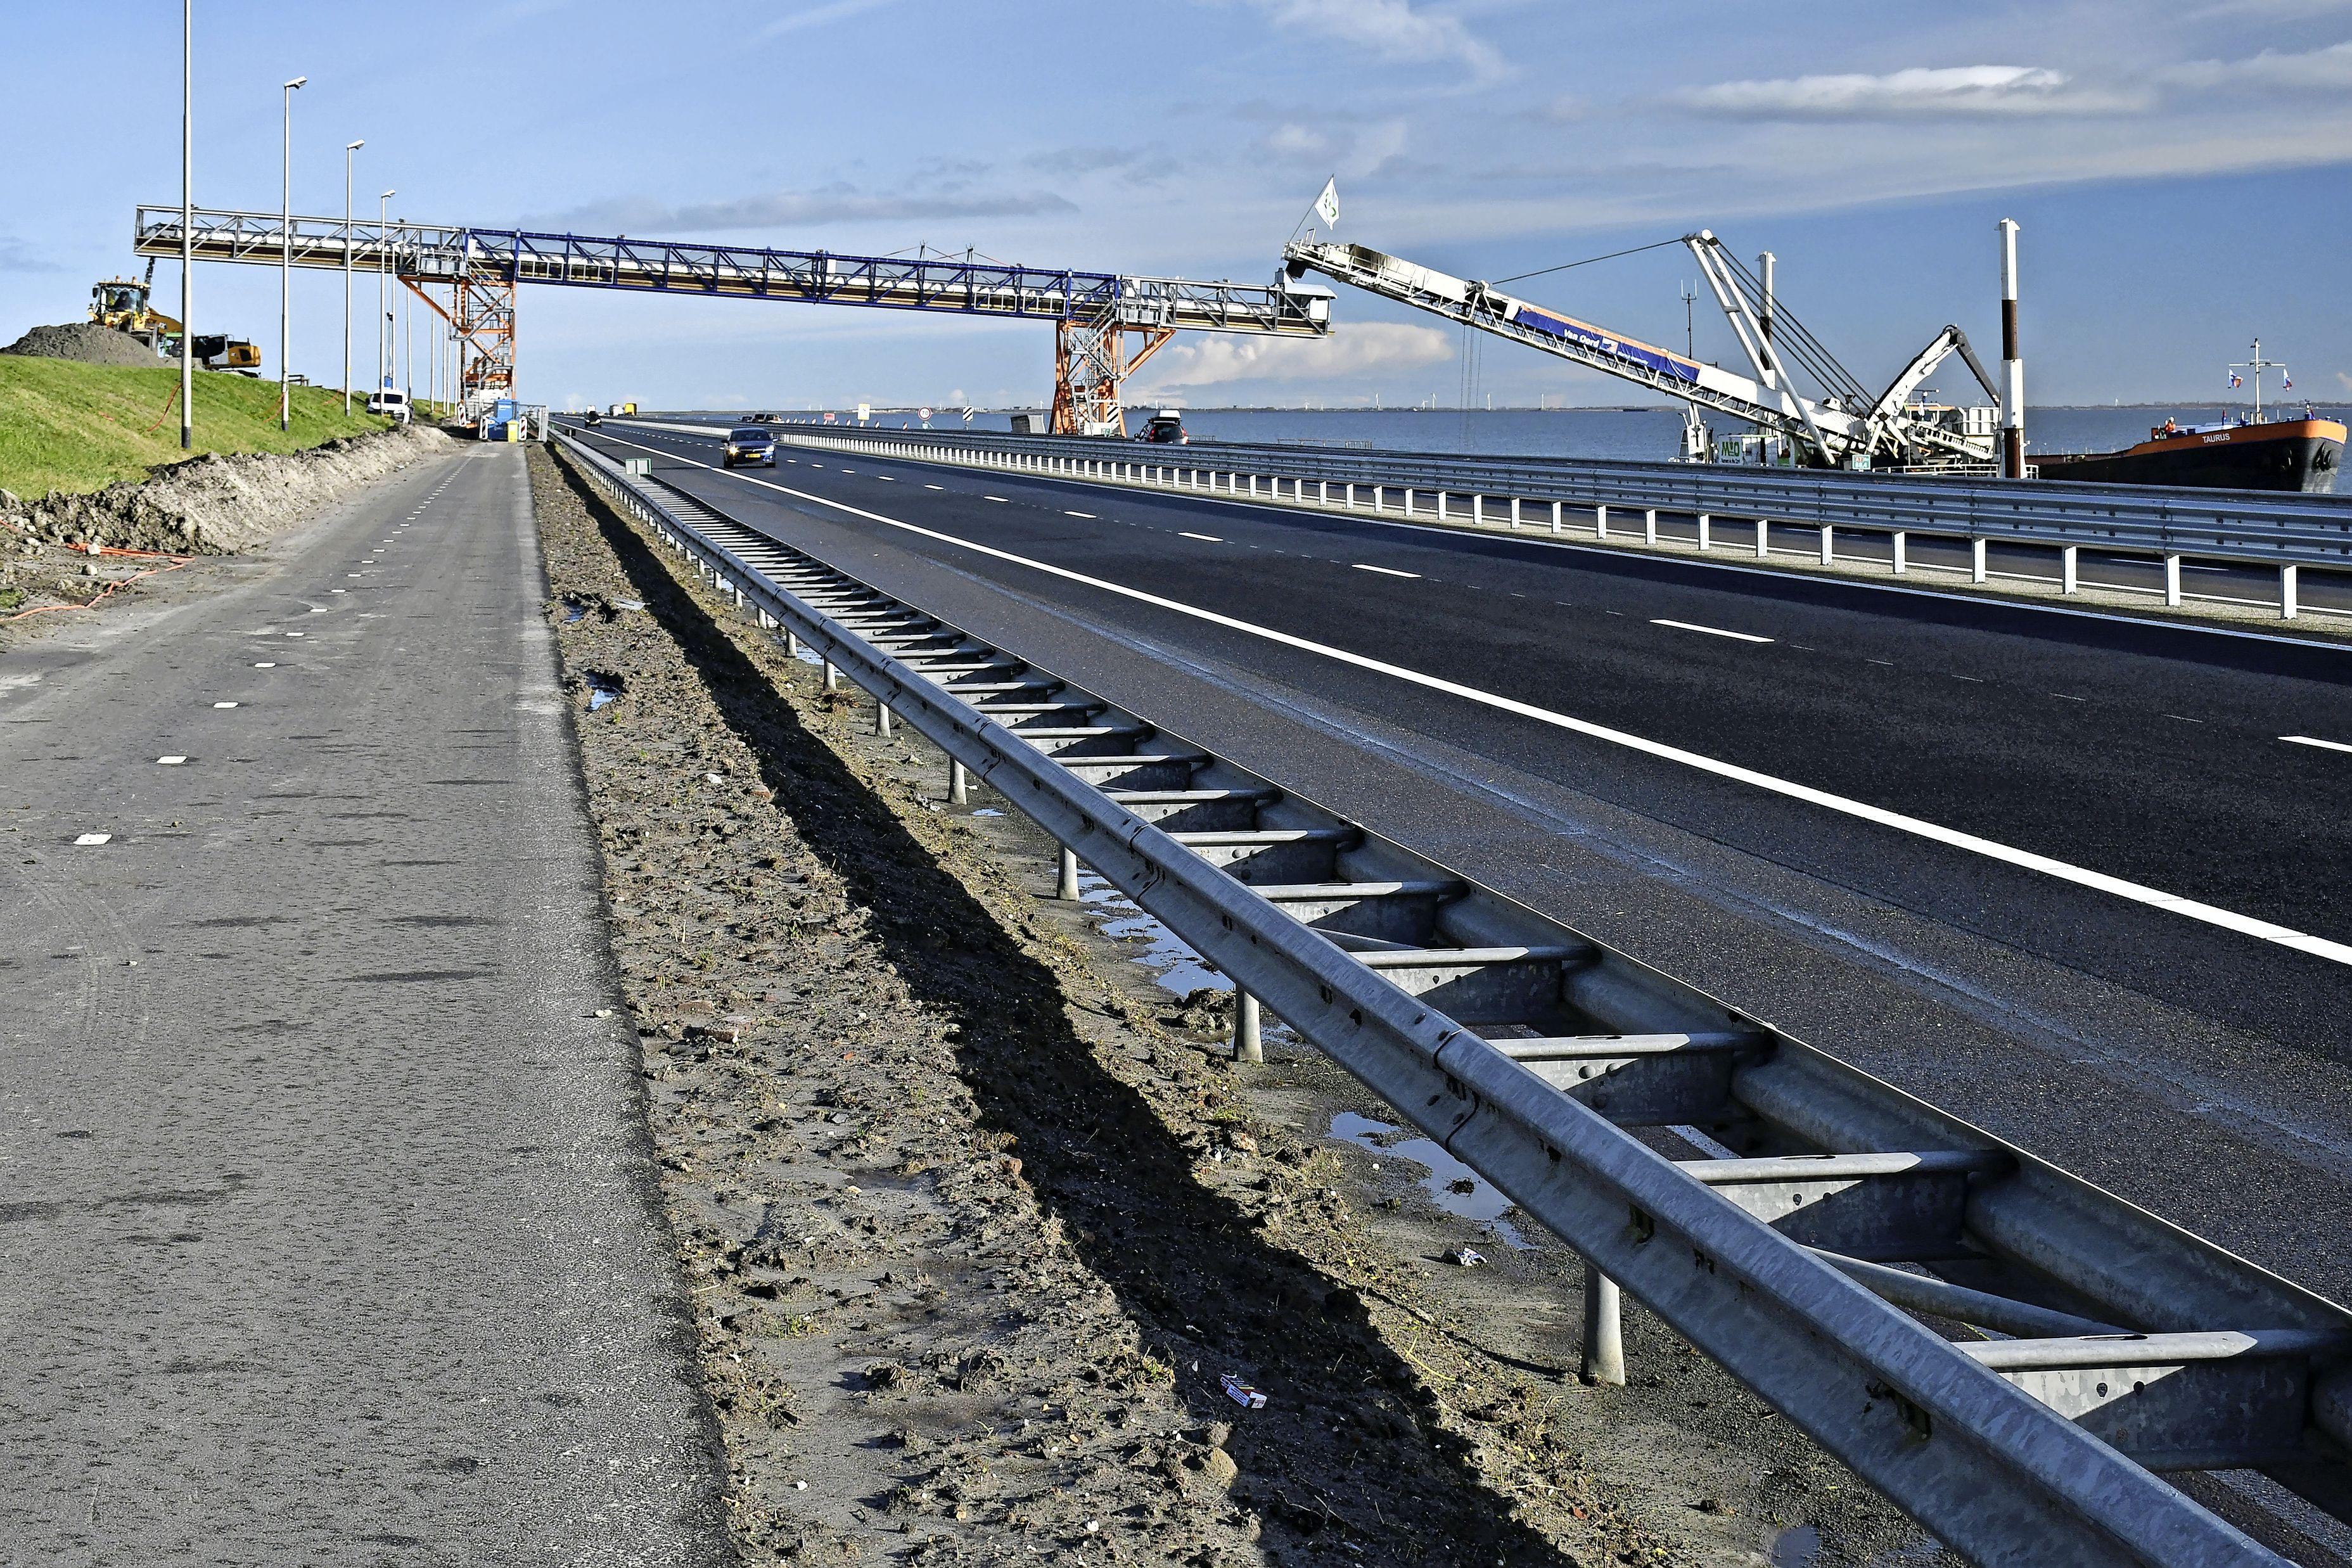 De Afsluitdijk is de komende weekenden een avond en nacht afgesloten in beide richtingen, omrijden kost tot anderhalf uur extra